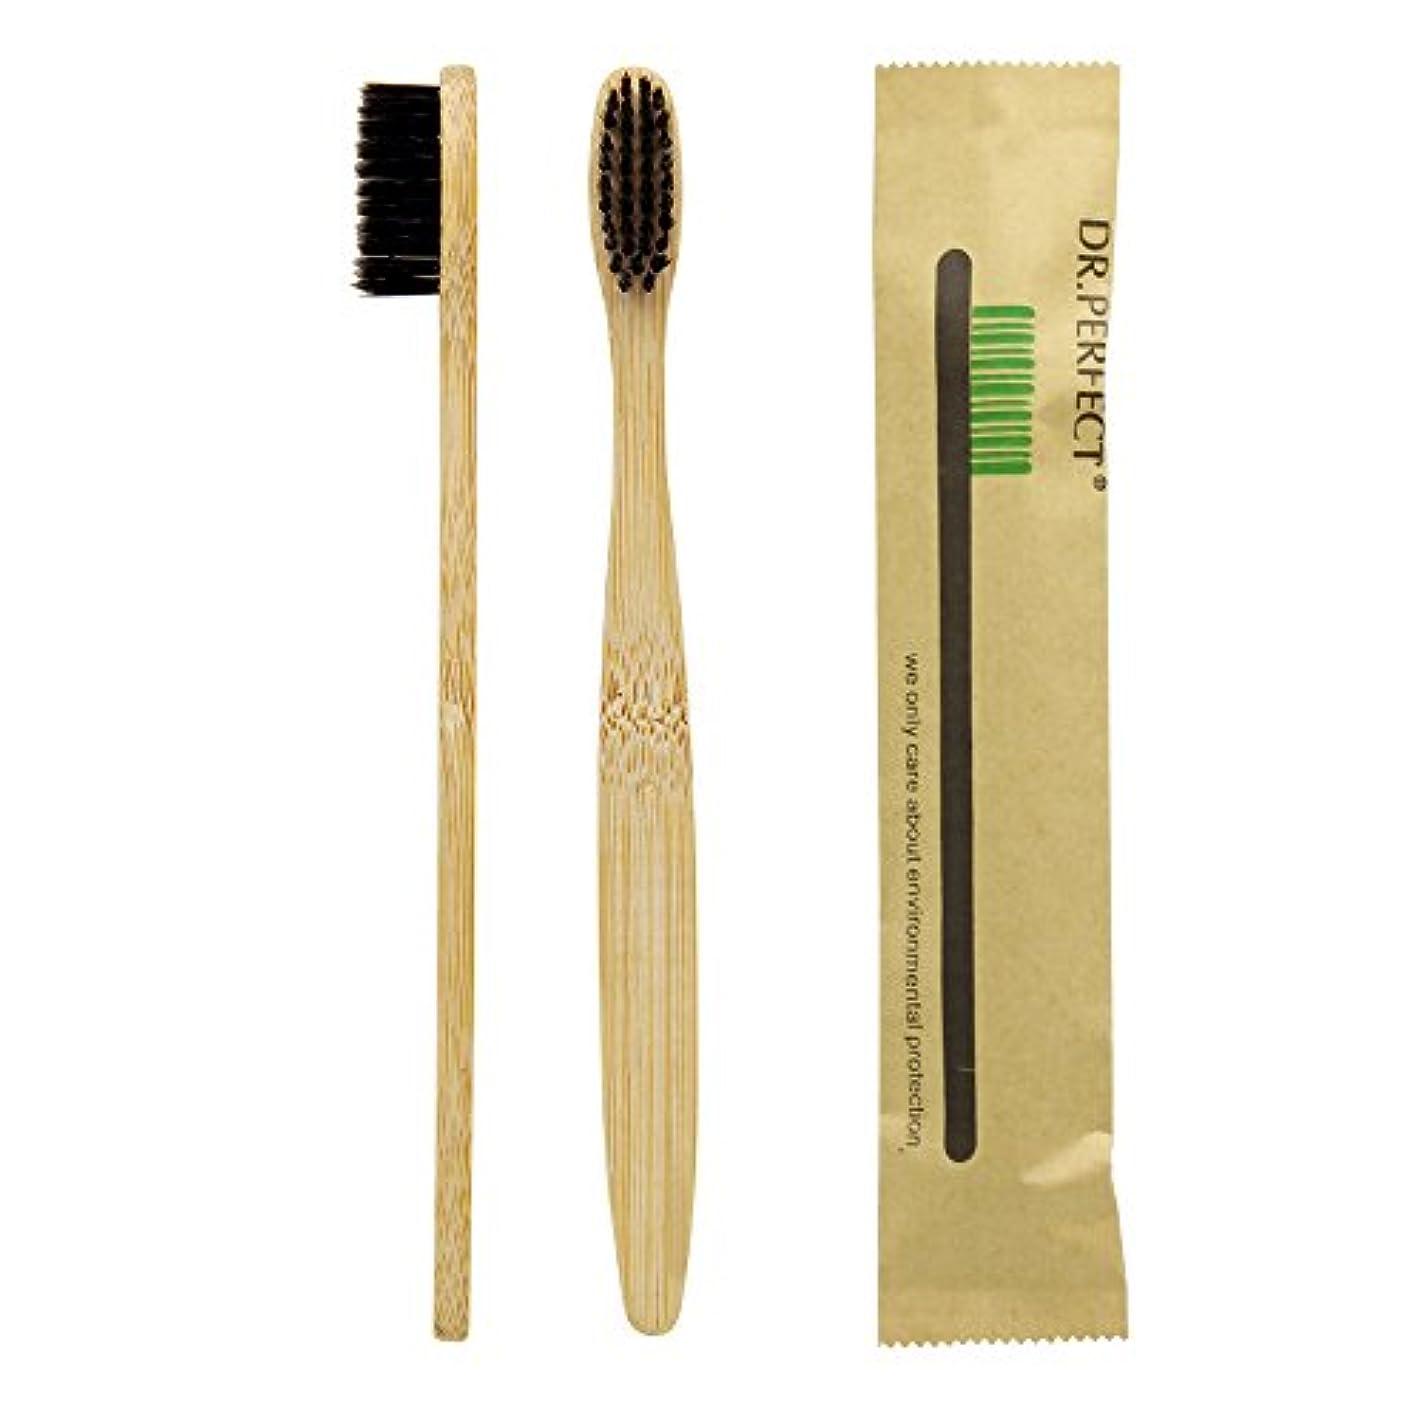 コミットレルム汚れたDr.Perfect 歯ブラシ 竹歯ブラシアダルト竹の歯ブラシ ナイロン毛 環境保護の歯ブラシ (ブラック)